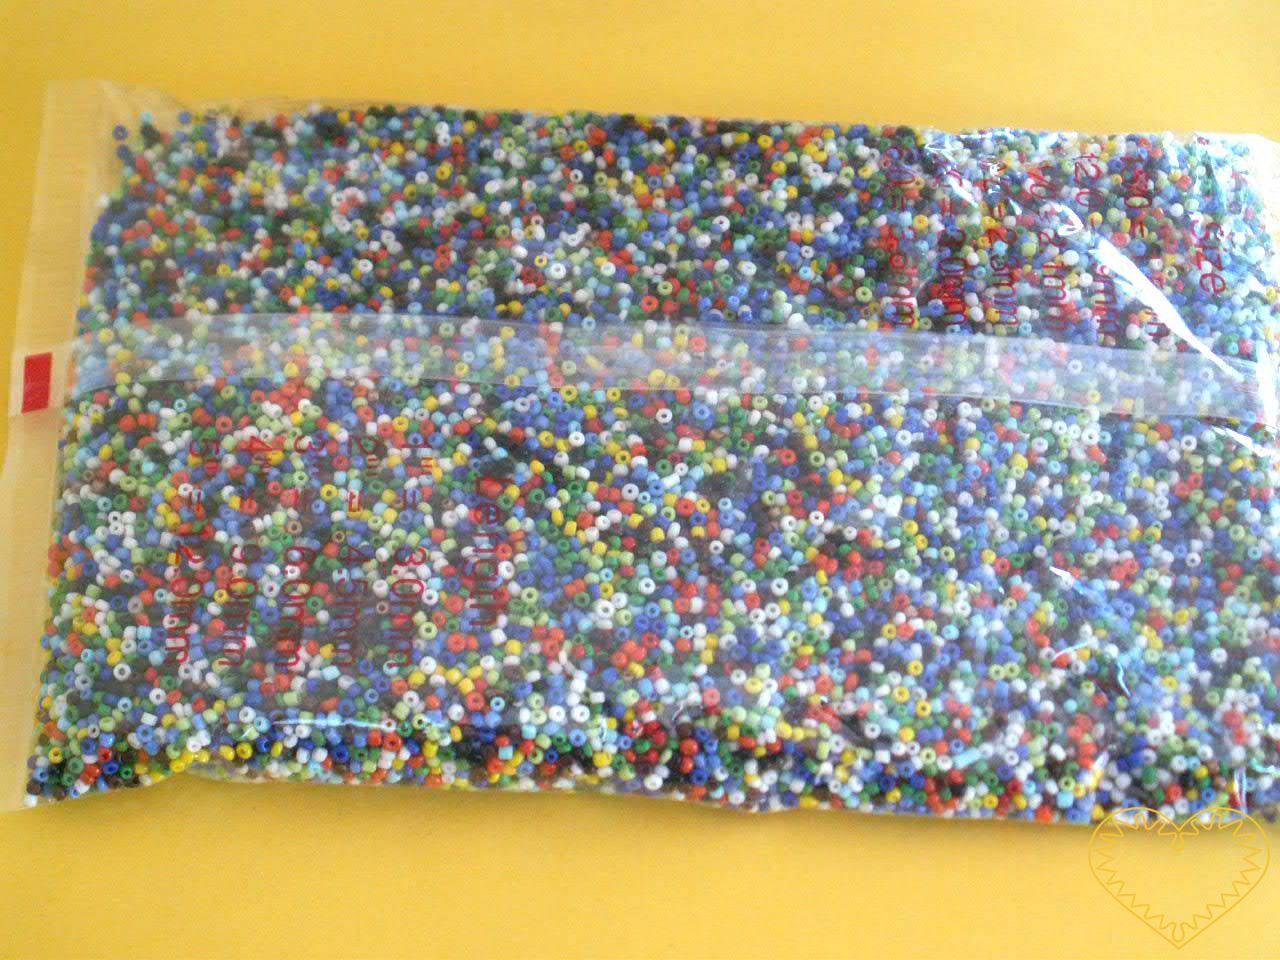 Barevné skleněné korálky /rokajl velikosti 2 mm - velké balení 450 g. Korálky jsou vhodné pro tvoření s dětmi, pro tvorbu bižuterie a vánočních ozdob (stromečky z korálků, vánoční ozdoby, navlékané nebo ketlované náhrdelníky, náramky, náušnice m